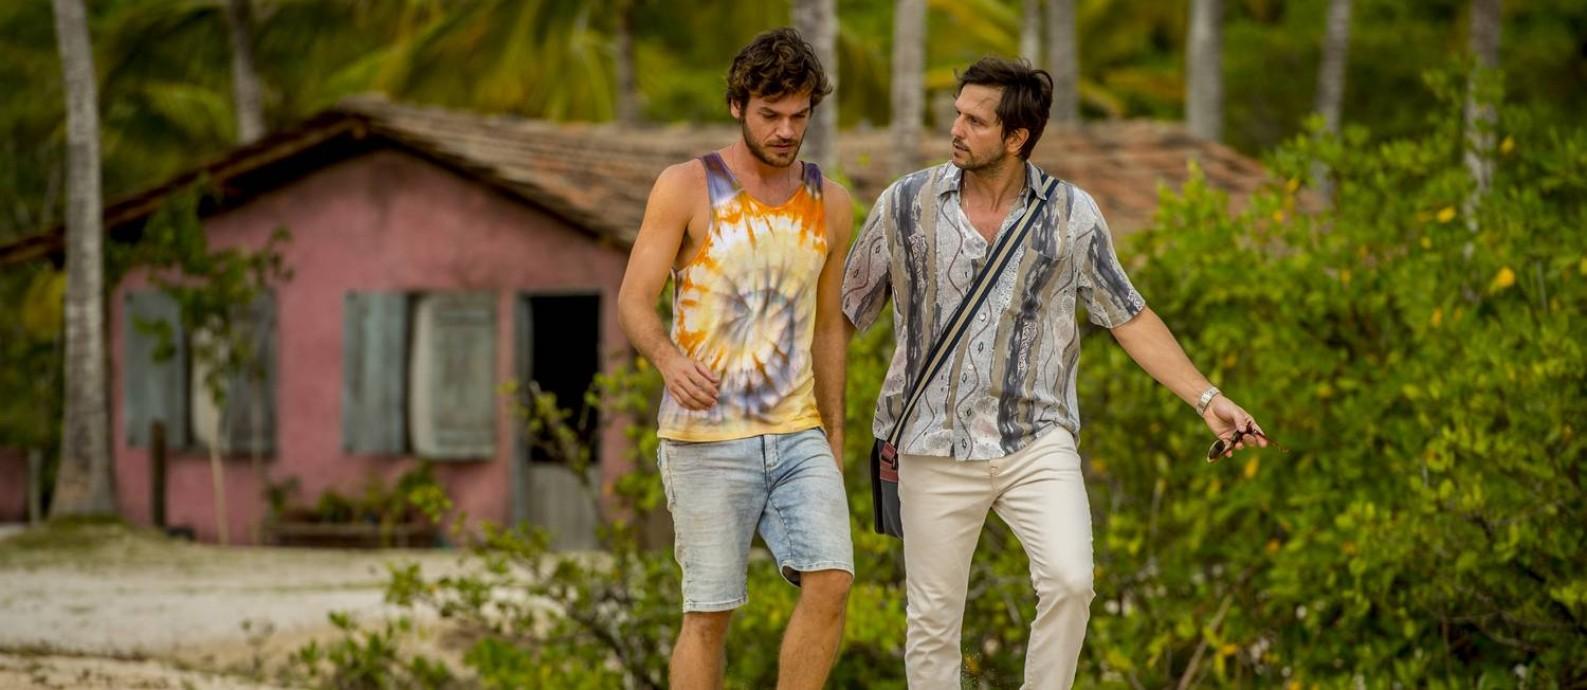 O cantor de axé Beto (Emilio Dantas) e Remy (Vladimir Brichta), personagens centrais da trama de 'Segundo sol' Foto: Divulgação